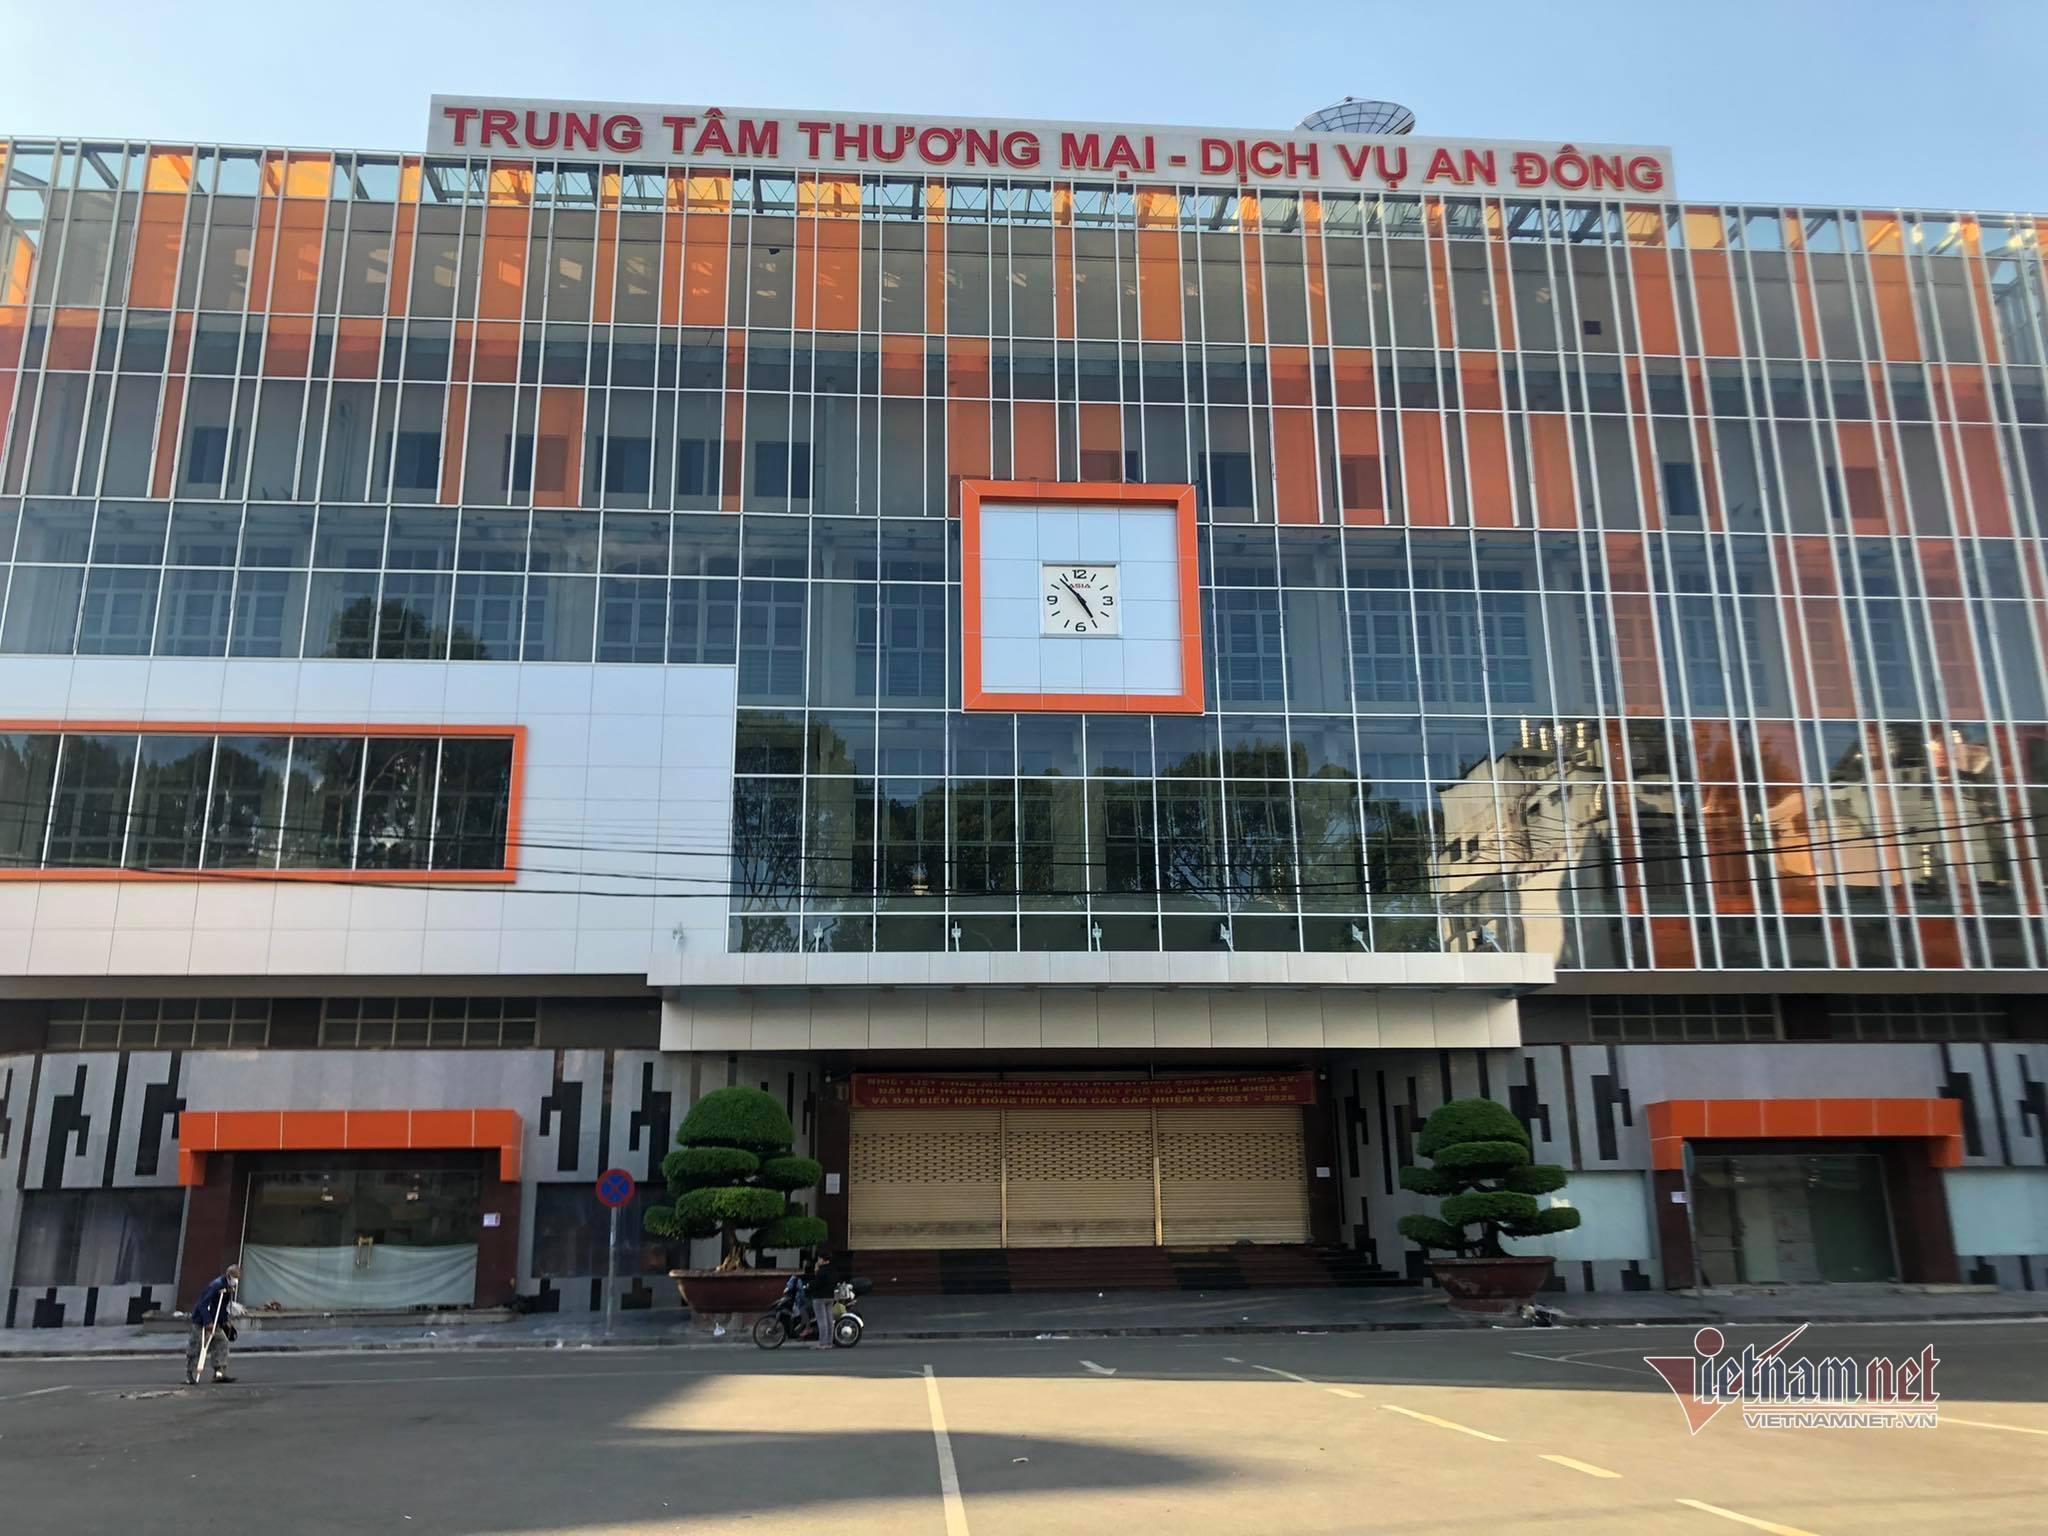 TP.HCM dừng hoạt động trạm y tế, siêu thị và chợ vì có chuỗi 17 ca Covid-19 ở quận 5